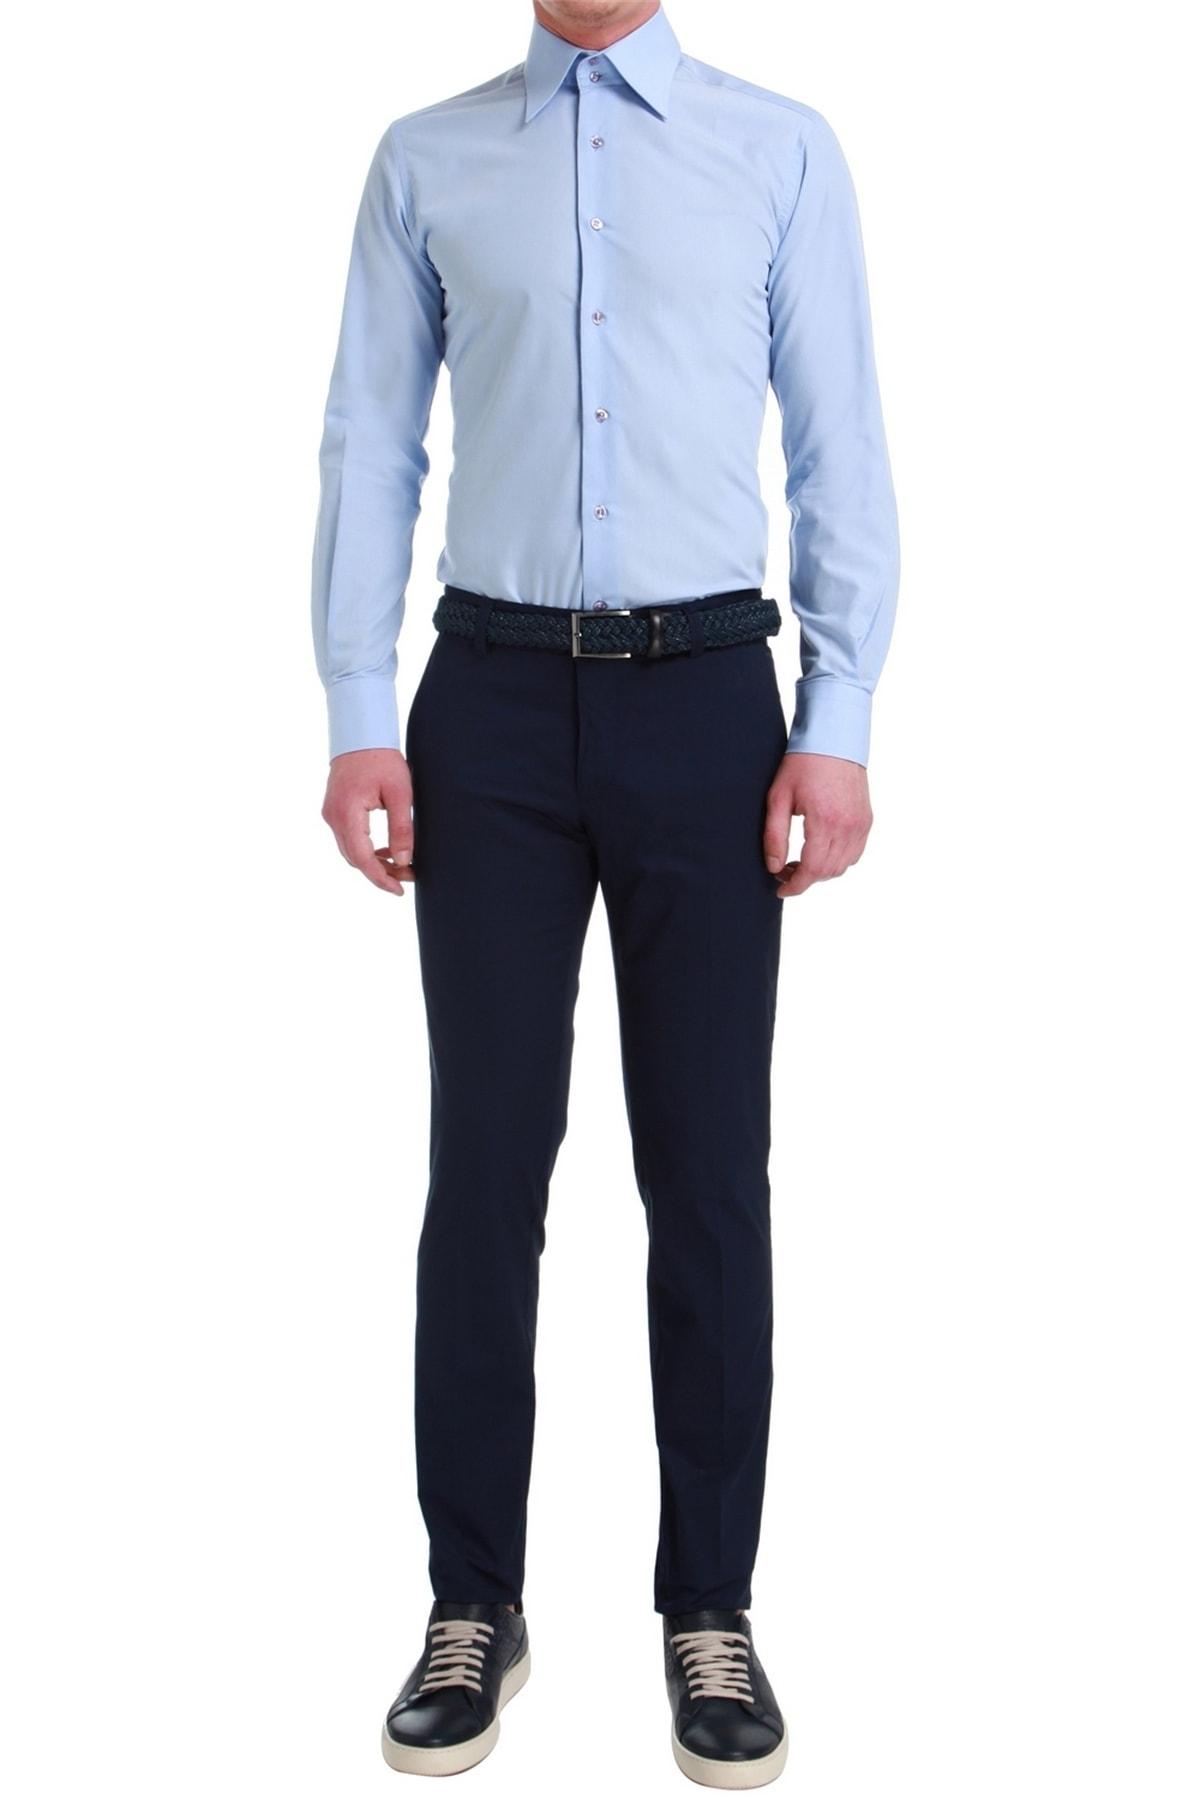 Efor P 1058 Slim Fit Lacivert Spor Pantolon 1